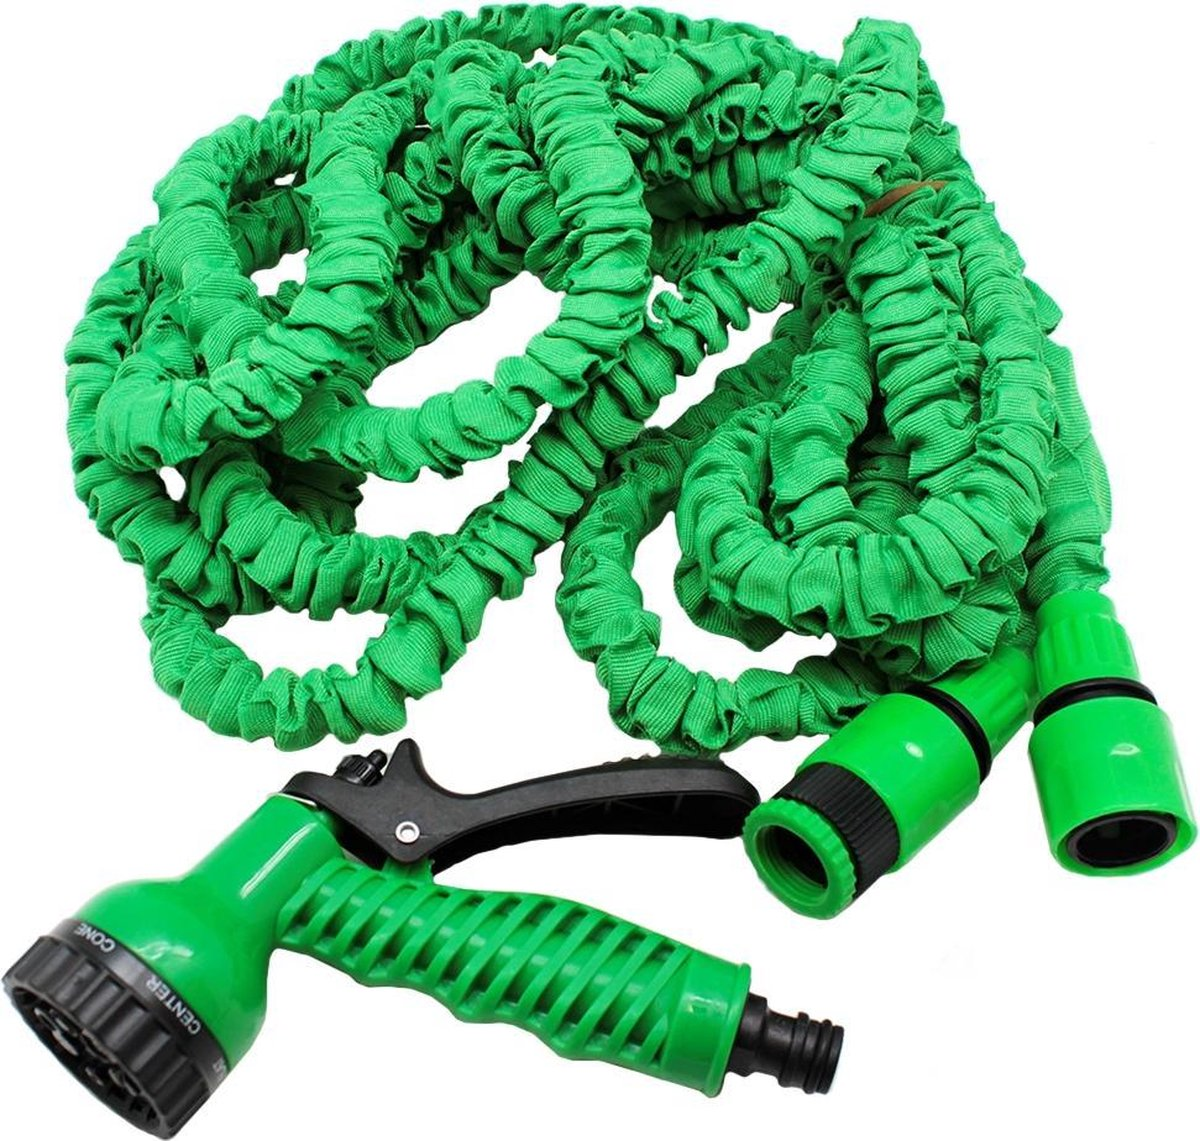 Benson - Tuinslang - Fexibel - 10 meter - Tuinslang met koppeling - Spuitpistool - Groen